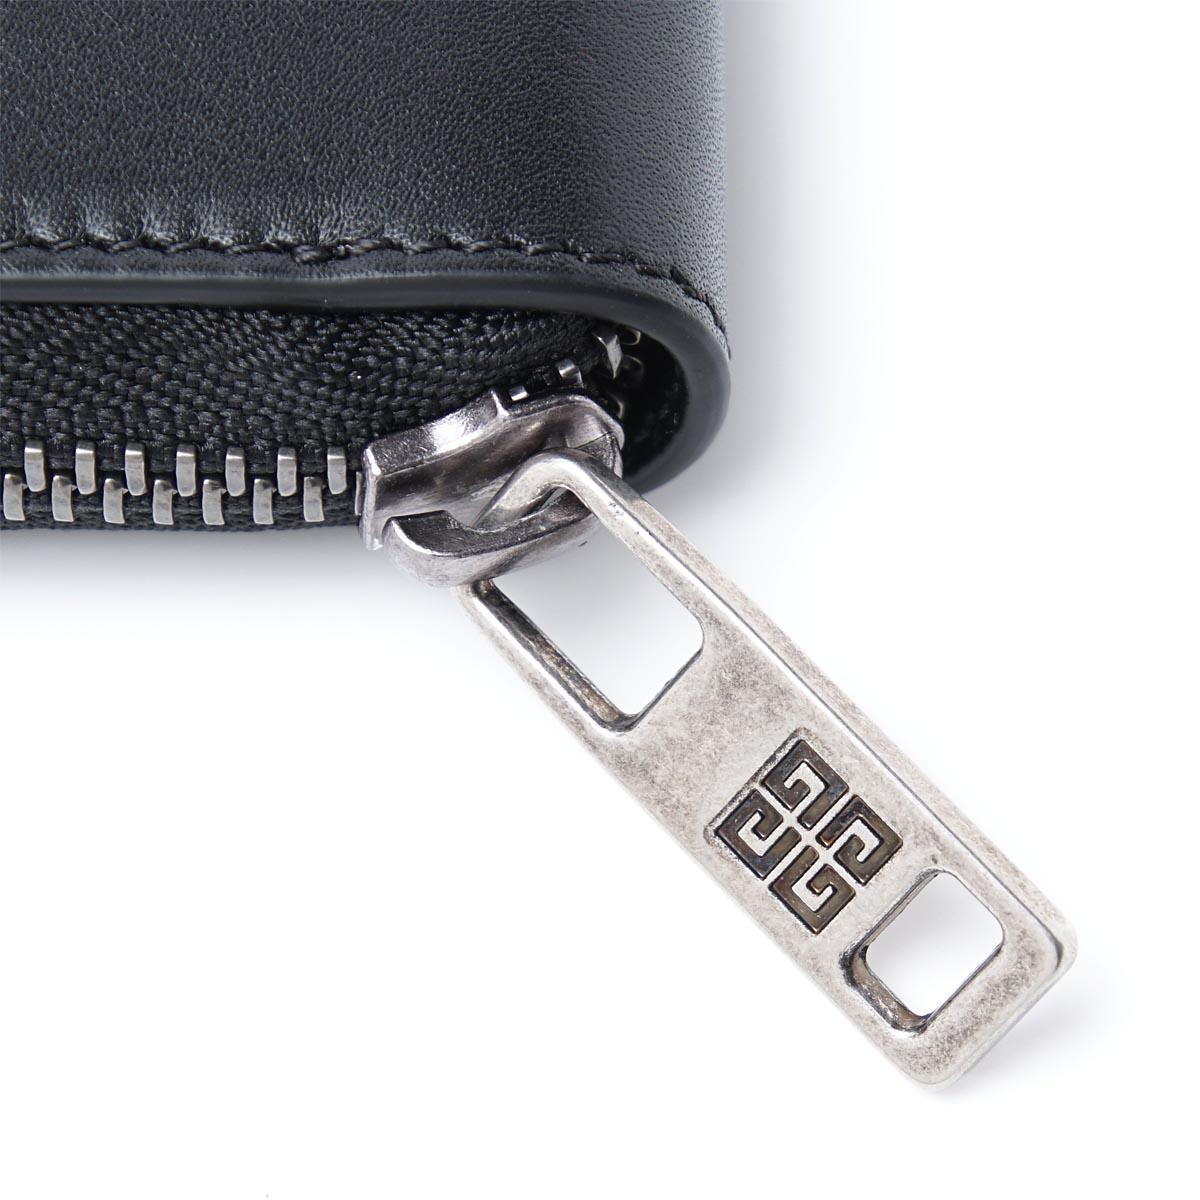 【アウトレット】【ロングセラー】GIVENCHY ジバンシー ラウンドファスナー 長財布 小銭入れ付き メンズ